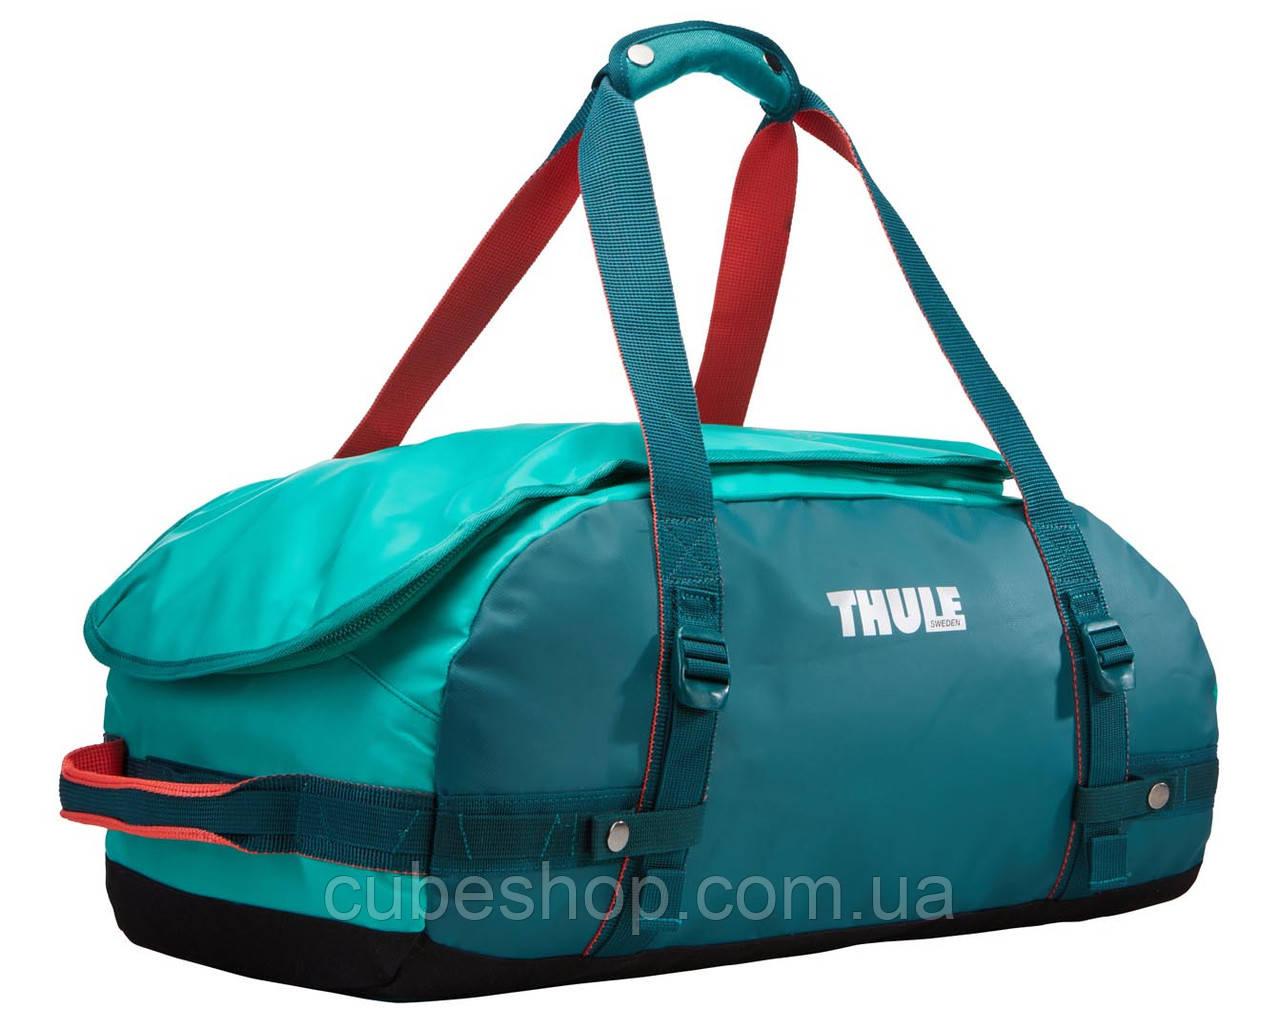 Спортивная сумка-рюкзак Thule Chasm 40L Bluegrass (бирюзовый)